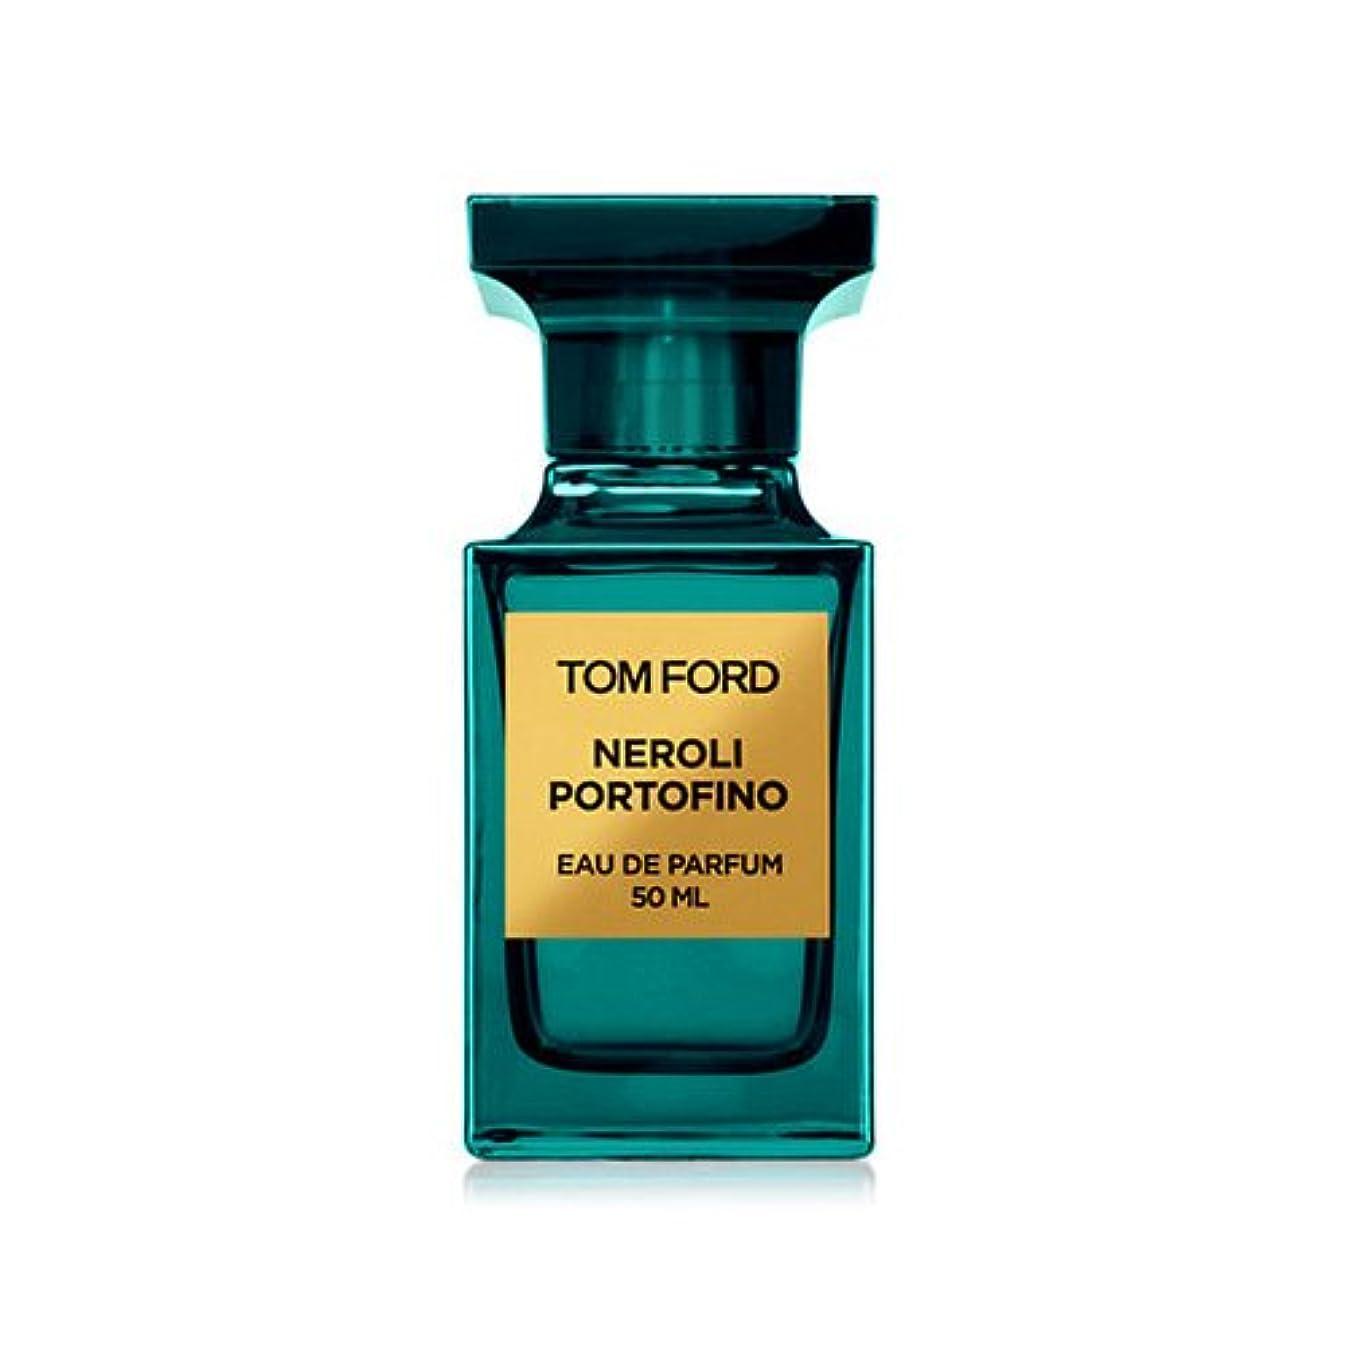 無意識放棄するもトム フォード TOM FORD ネロリ ポルトフィーノ オードパルファム EDP SP 50ml [並行輸入品]